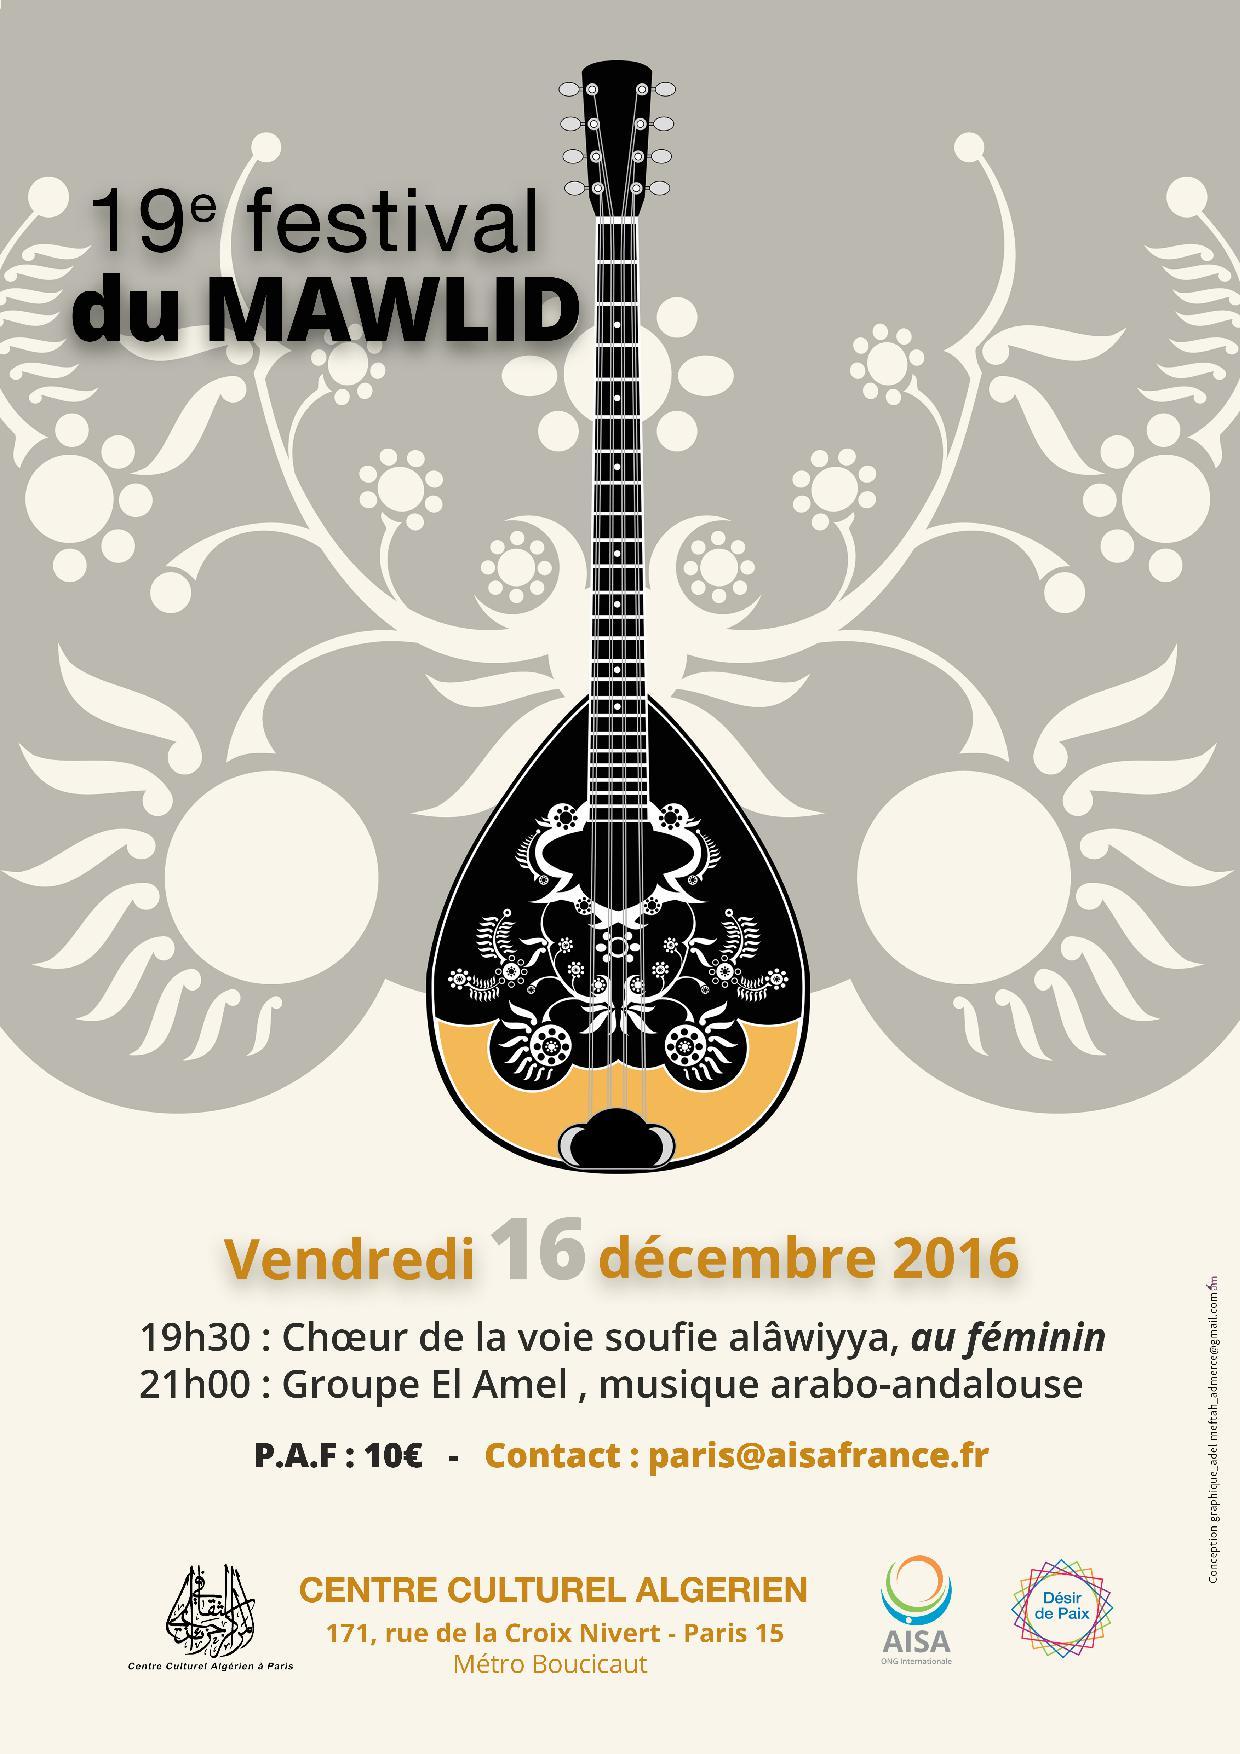 http://www.saphirnews.com/agenda/19e-Festival-du-Mawlid_ae424804.html